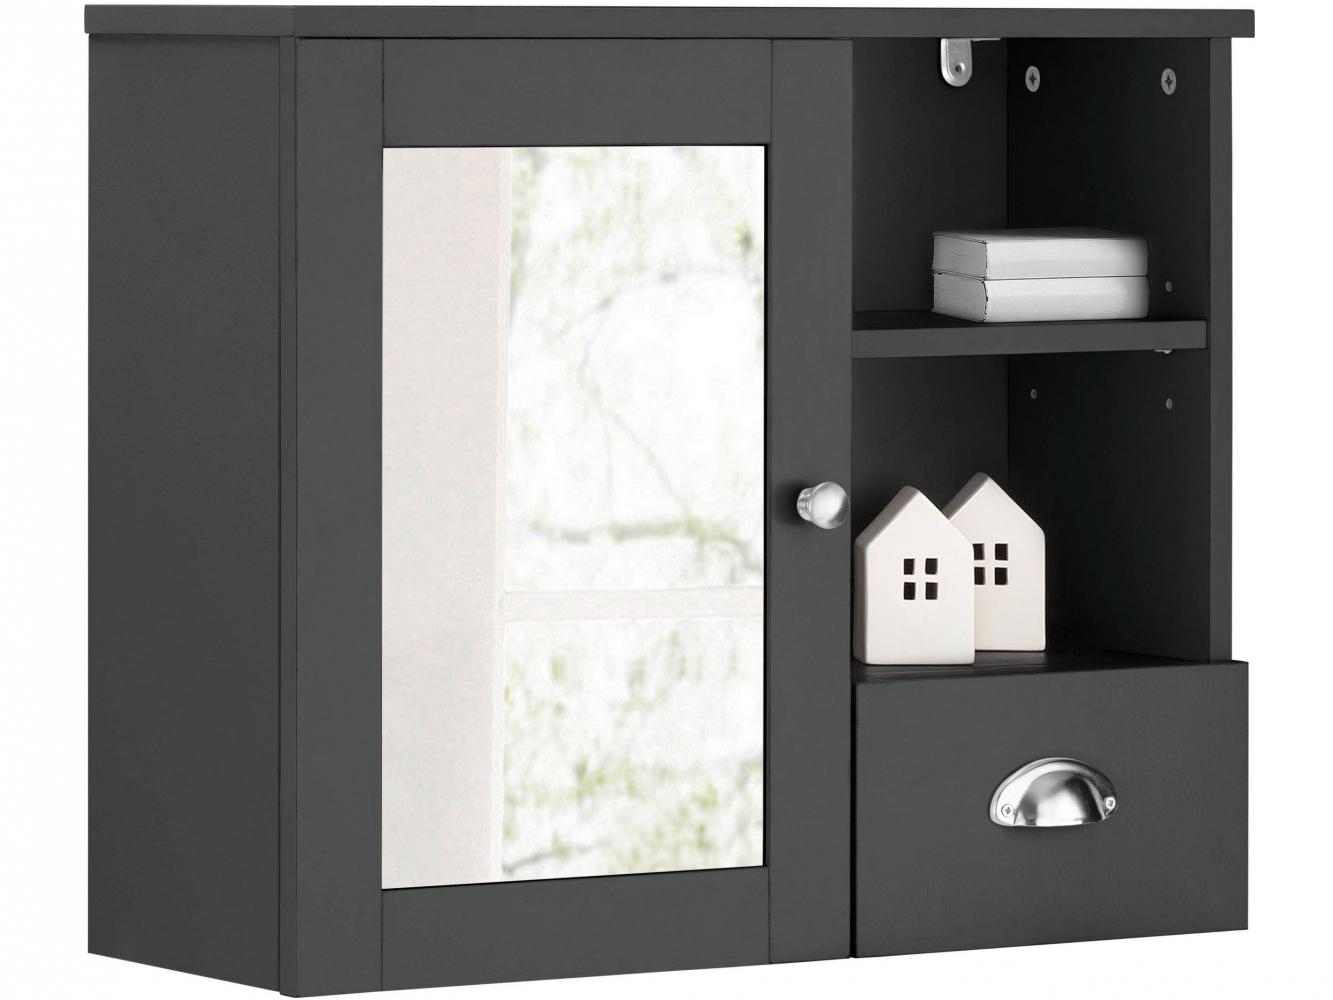 Nástěnná koupelnová skříňka Kiley, 65 cm, šedá